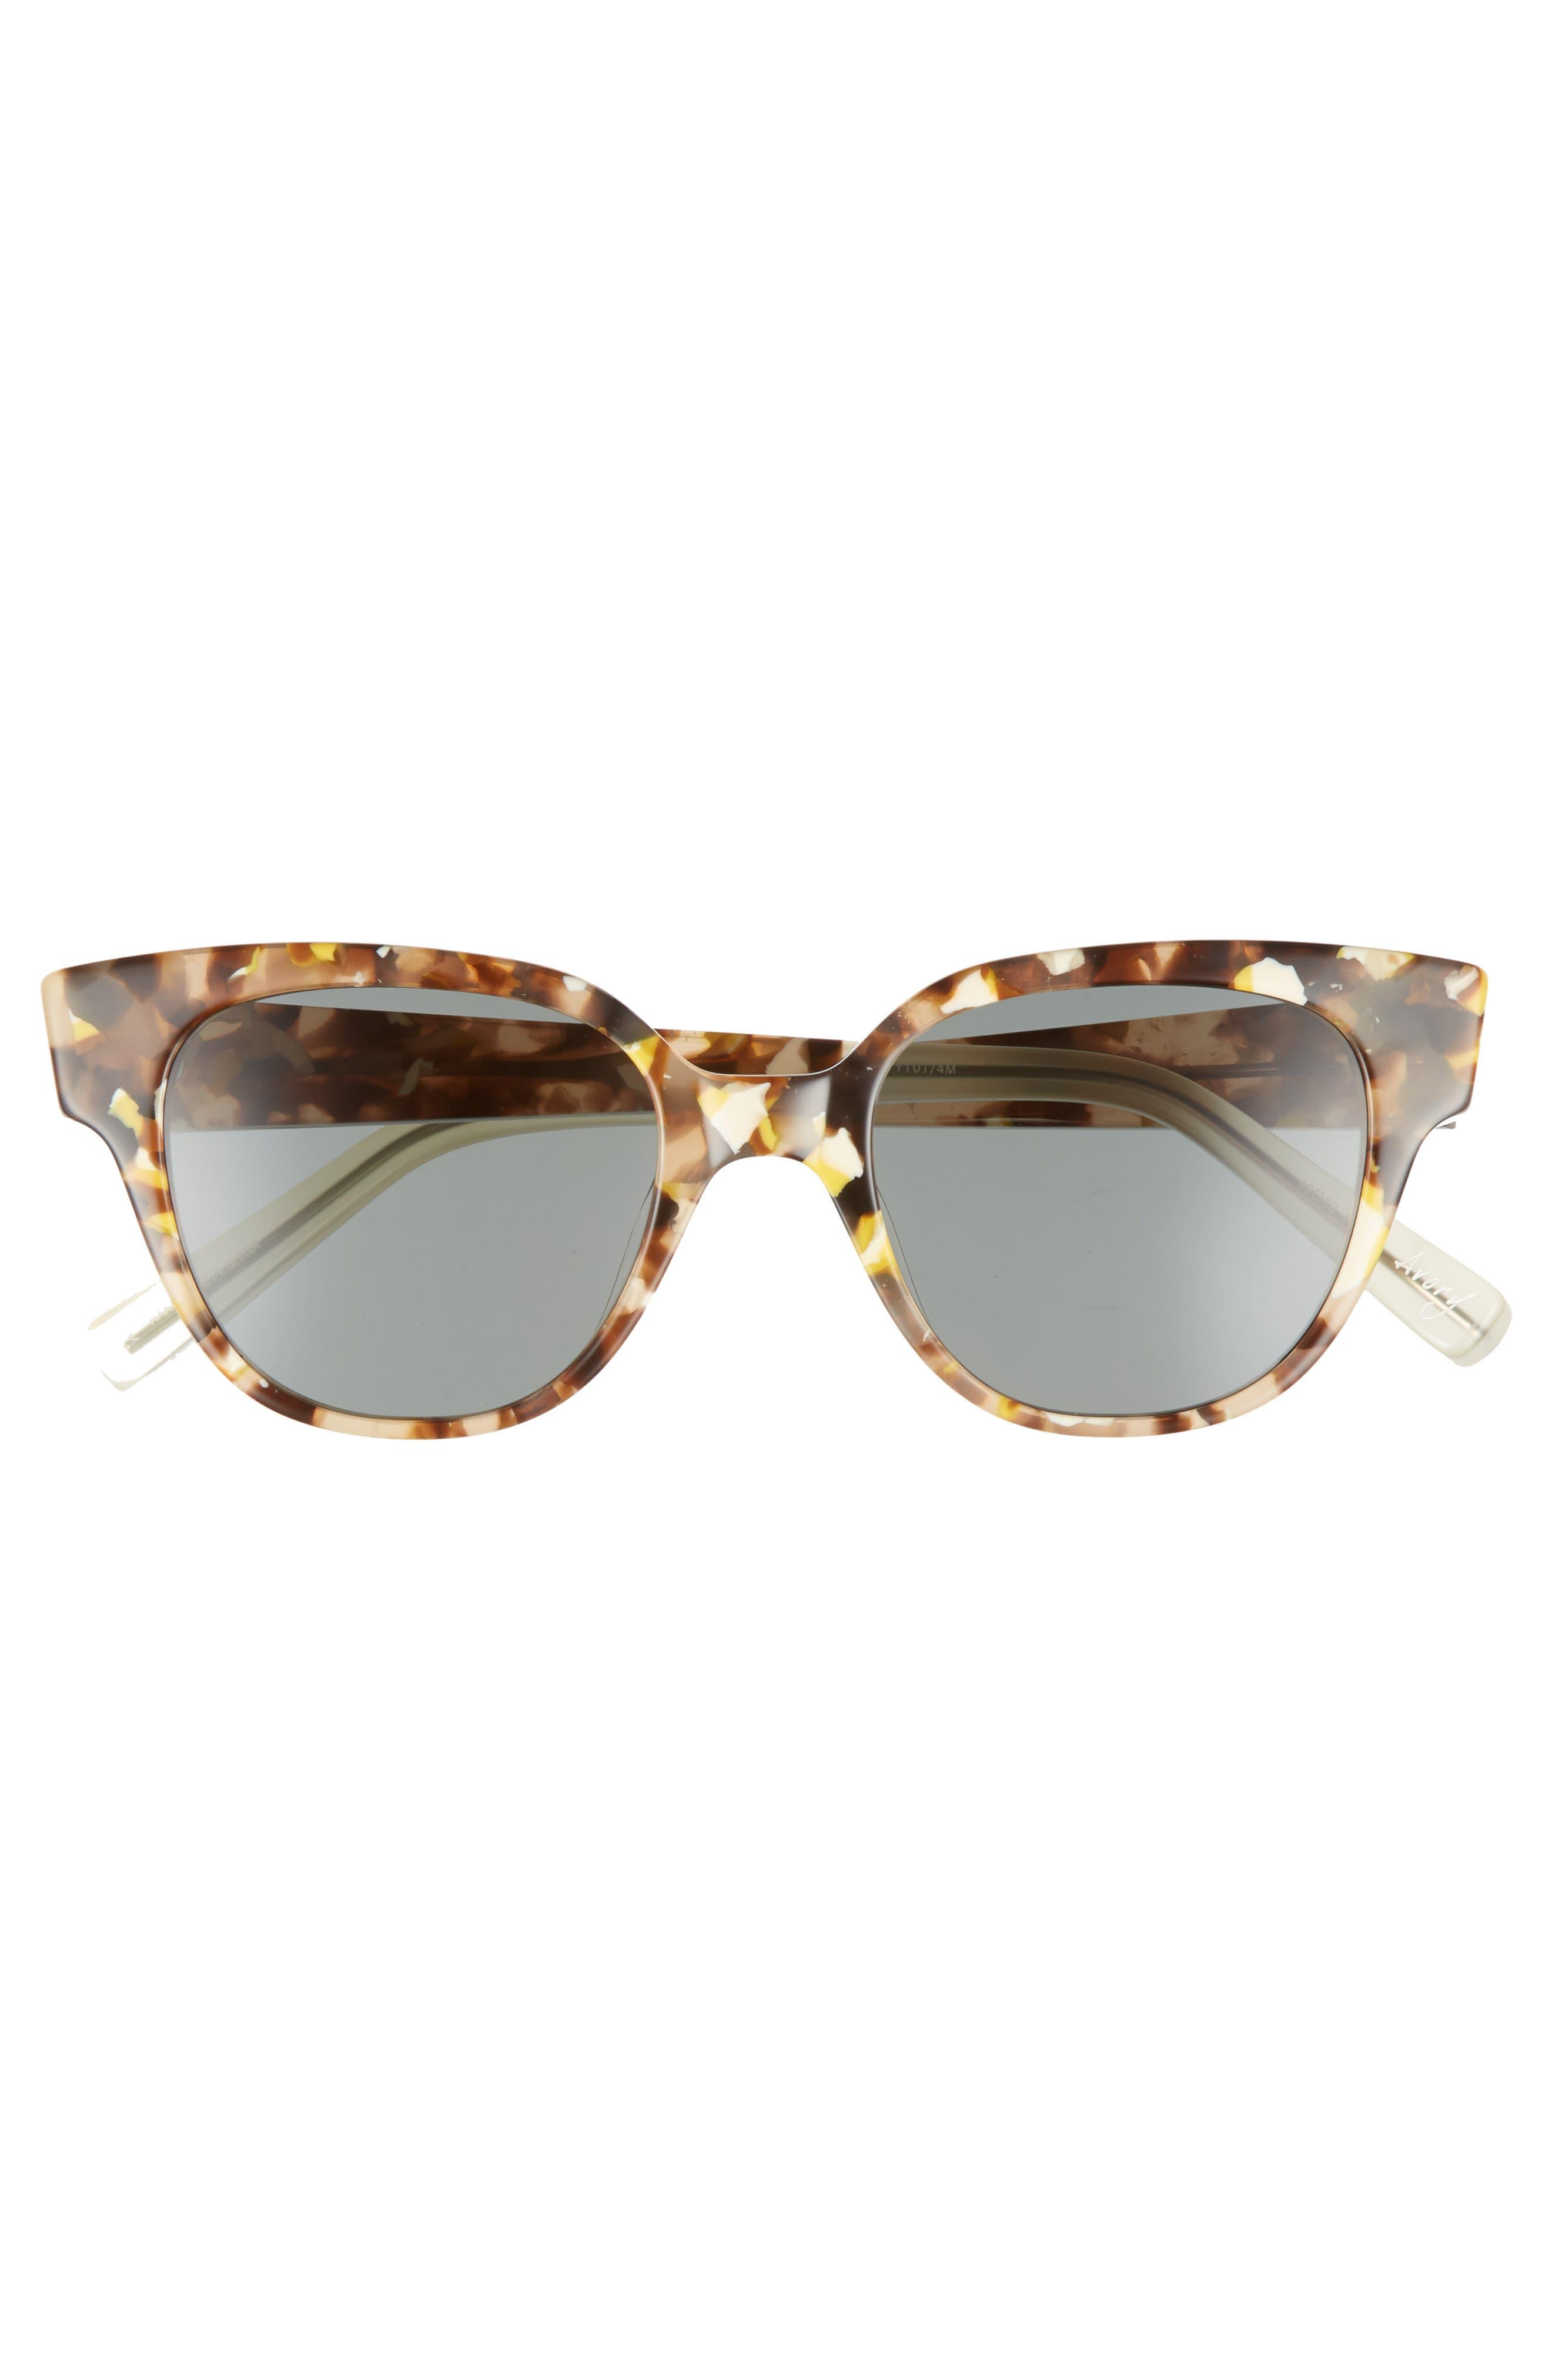 Avory 49mm Cat Eye Sunglasses,                             Alternate thumbnail 3, color,                             Amber/ Green